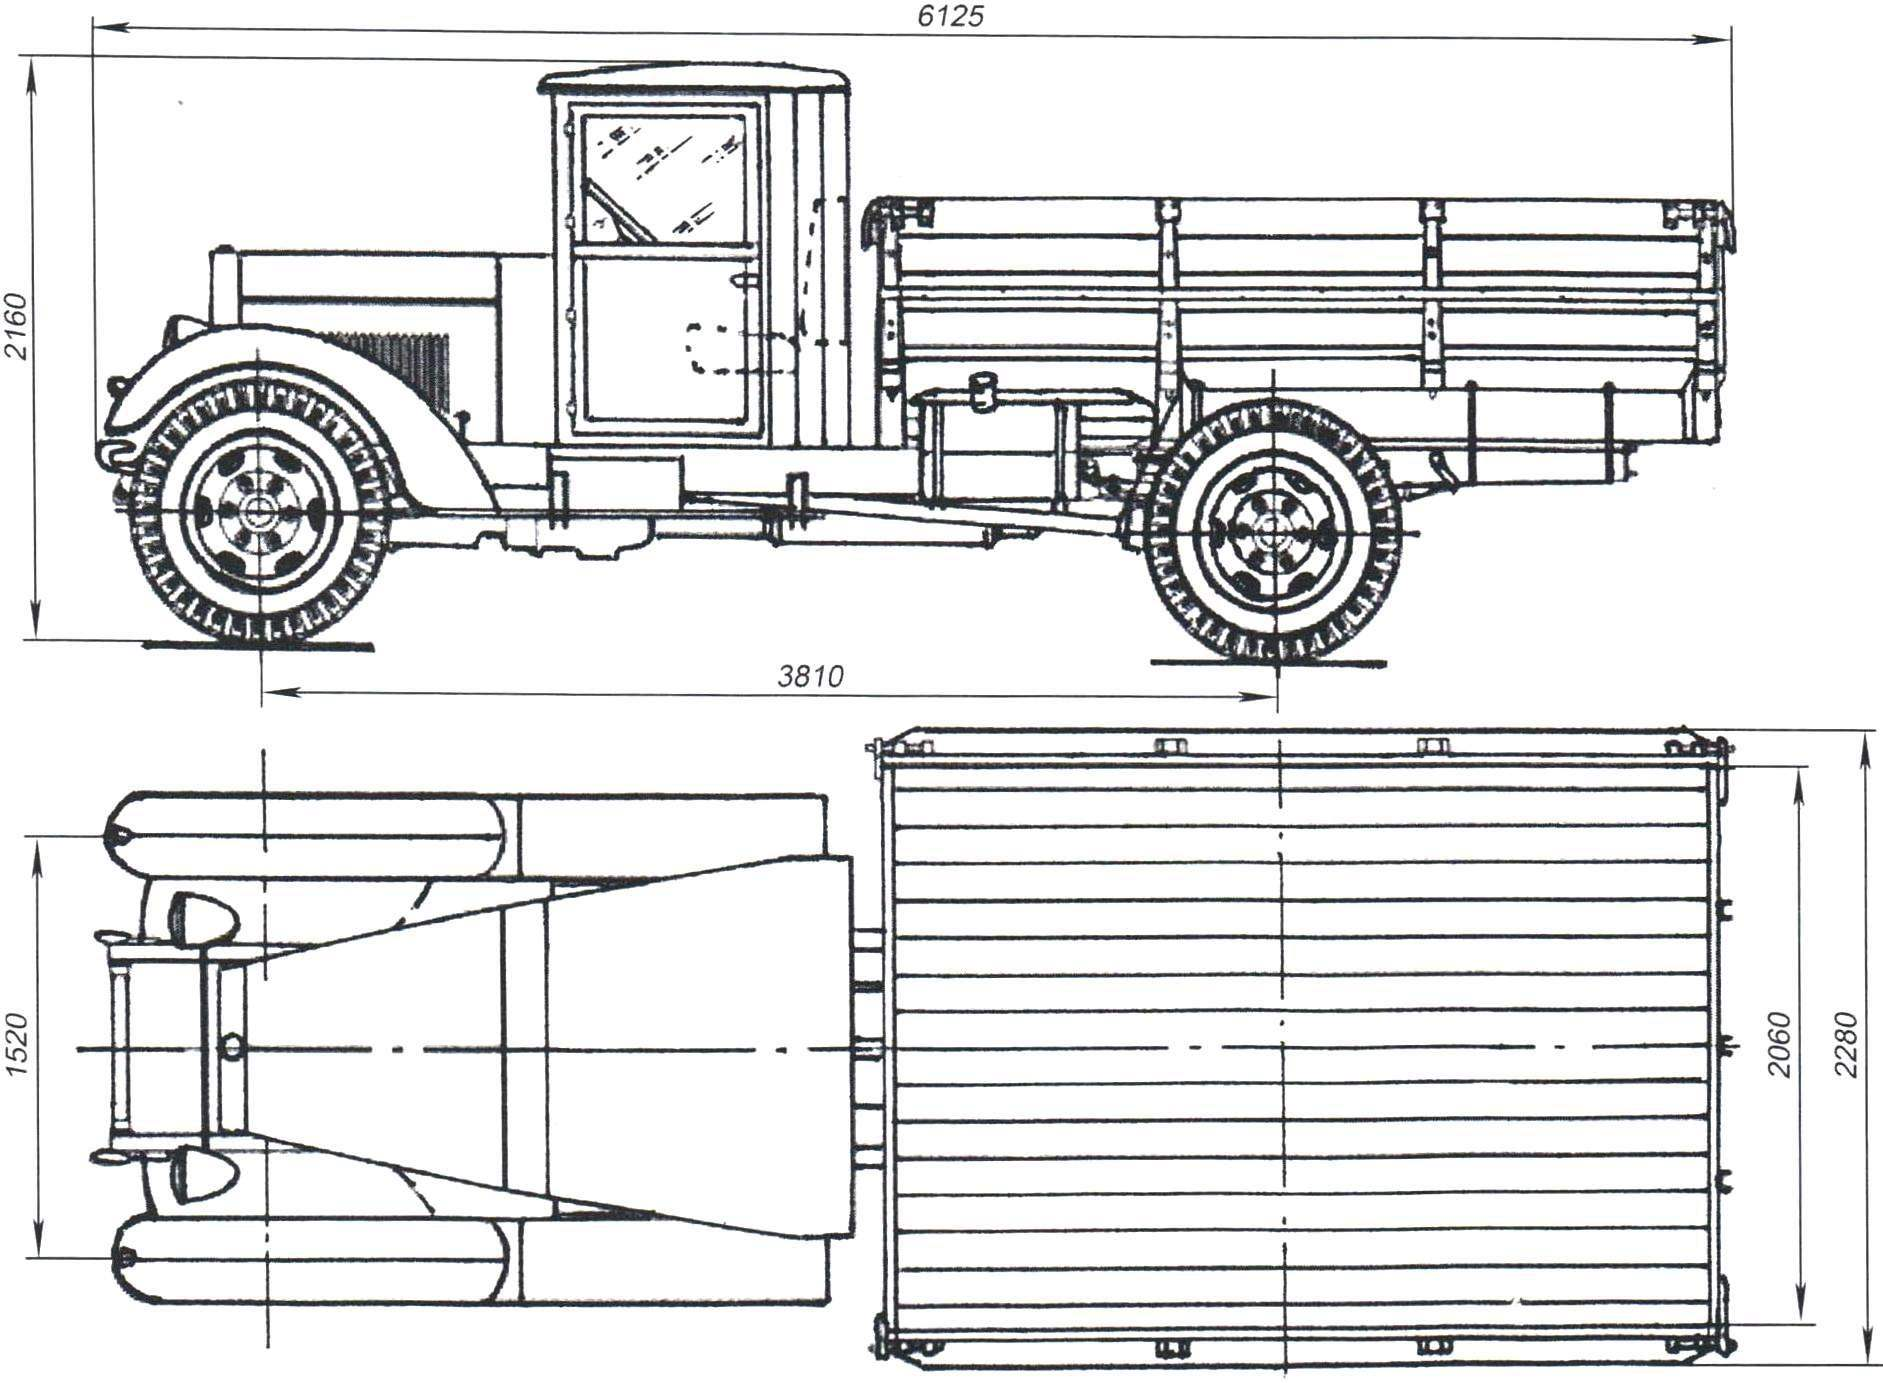 Геометрическая схема автомобиля «УралЗИС-5М» (с февраля 1956 г. - УралЗИС-355)